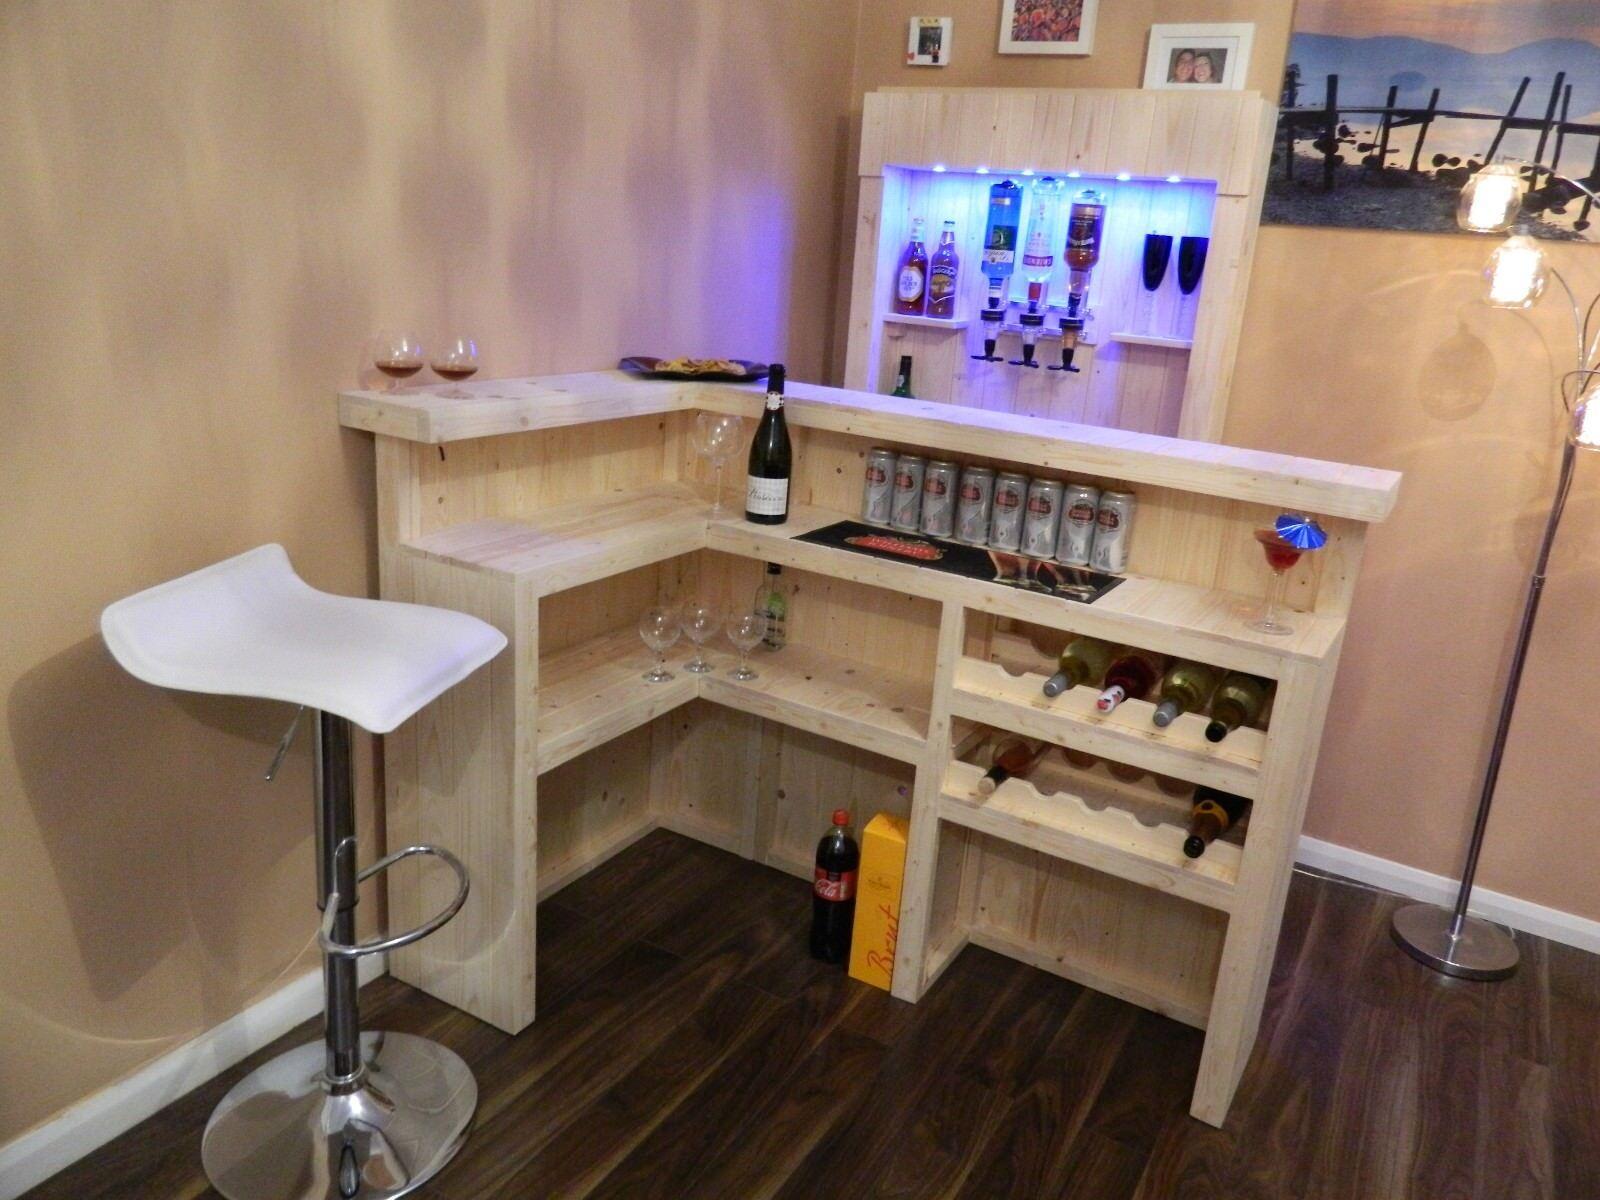 Home Bar avec lumières et optique-PIN-bar MAN CAVE, LOG CABIN, Boissons, Parti 006